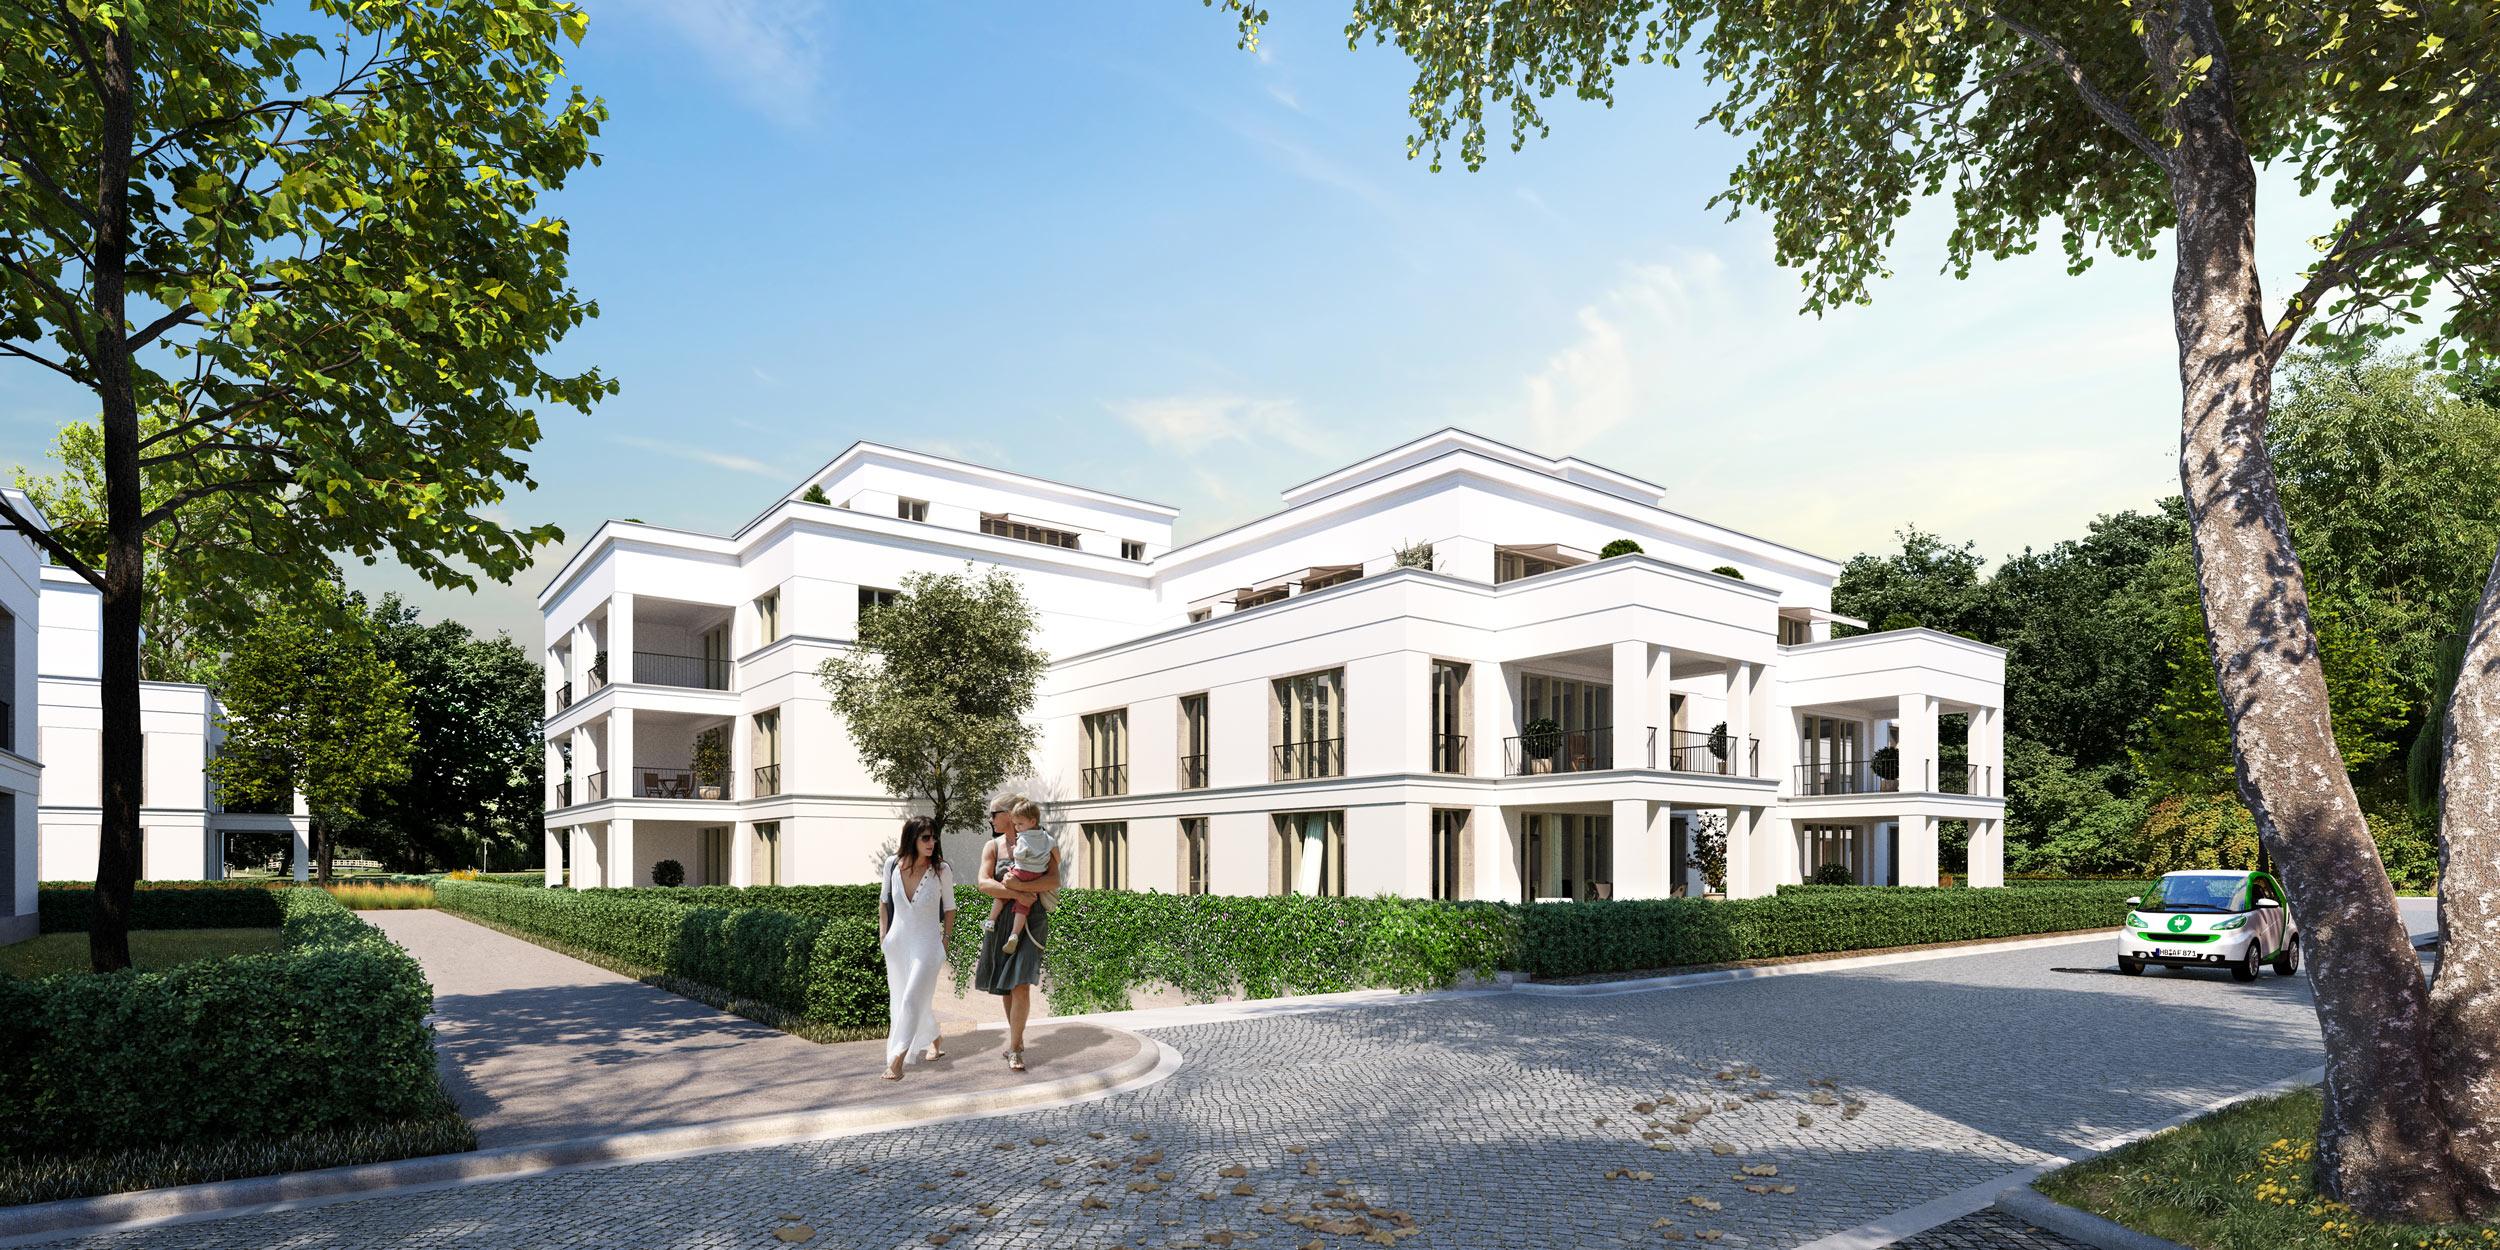 Neubauprojekt eines Wohnquartiers mit 42 Eigentumswohnungen - Vom Hofgartenweg aus erlebt man die großzügig terrassierten Südseiten in weisser Eleganz.